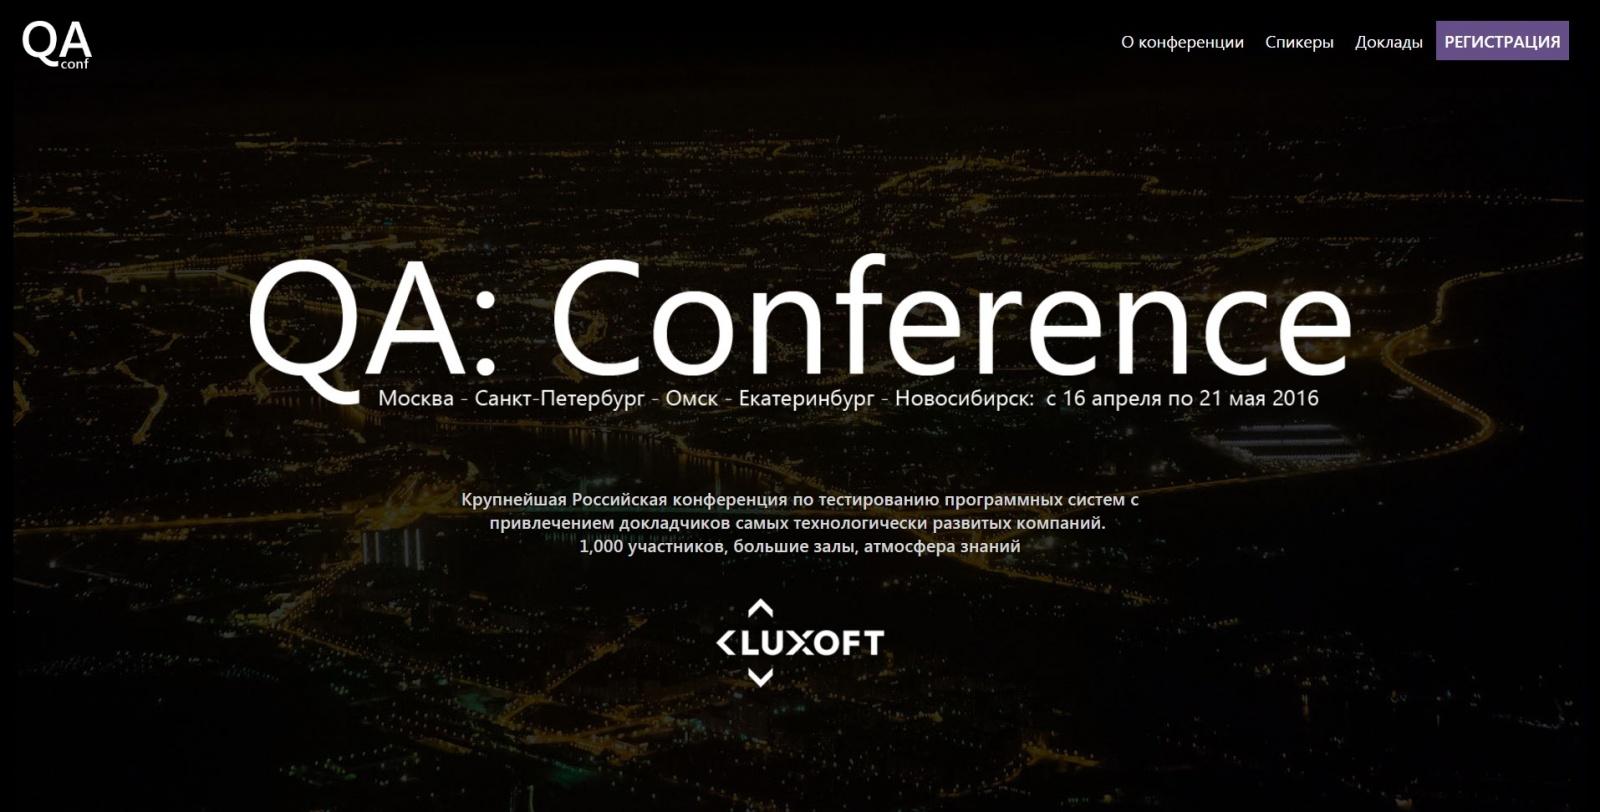 QA: Conference. Множество новостей, новые доклады, прямой эфир - 1